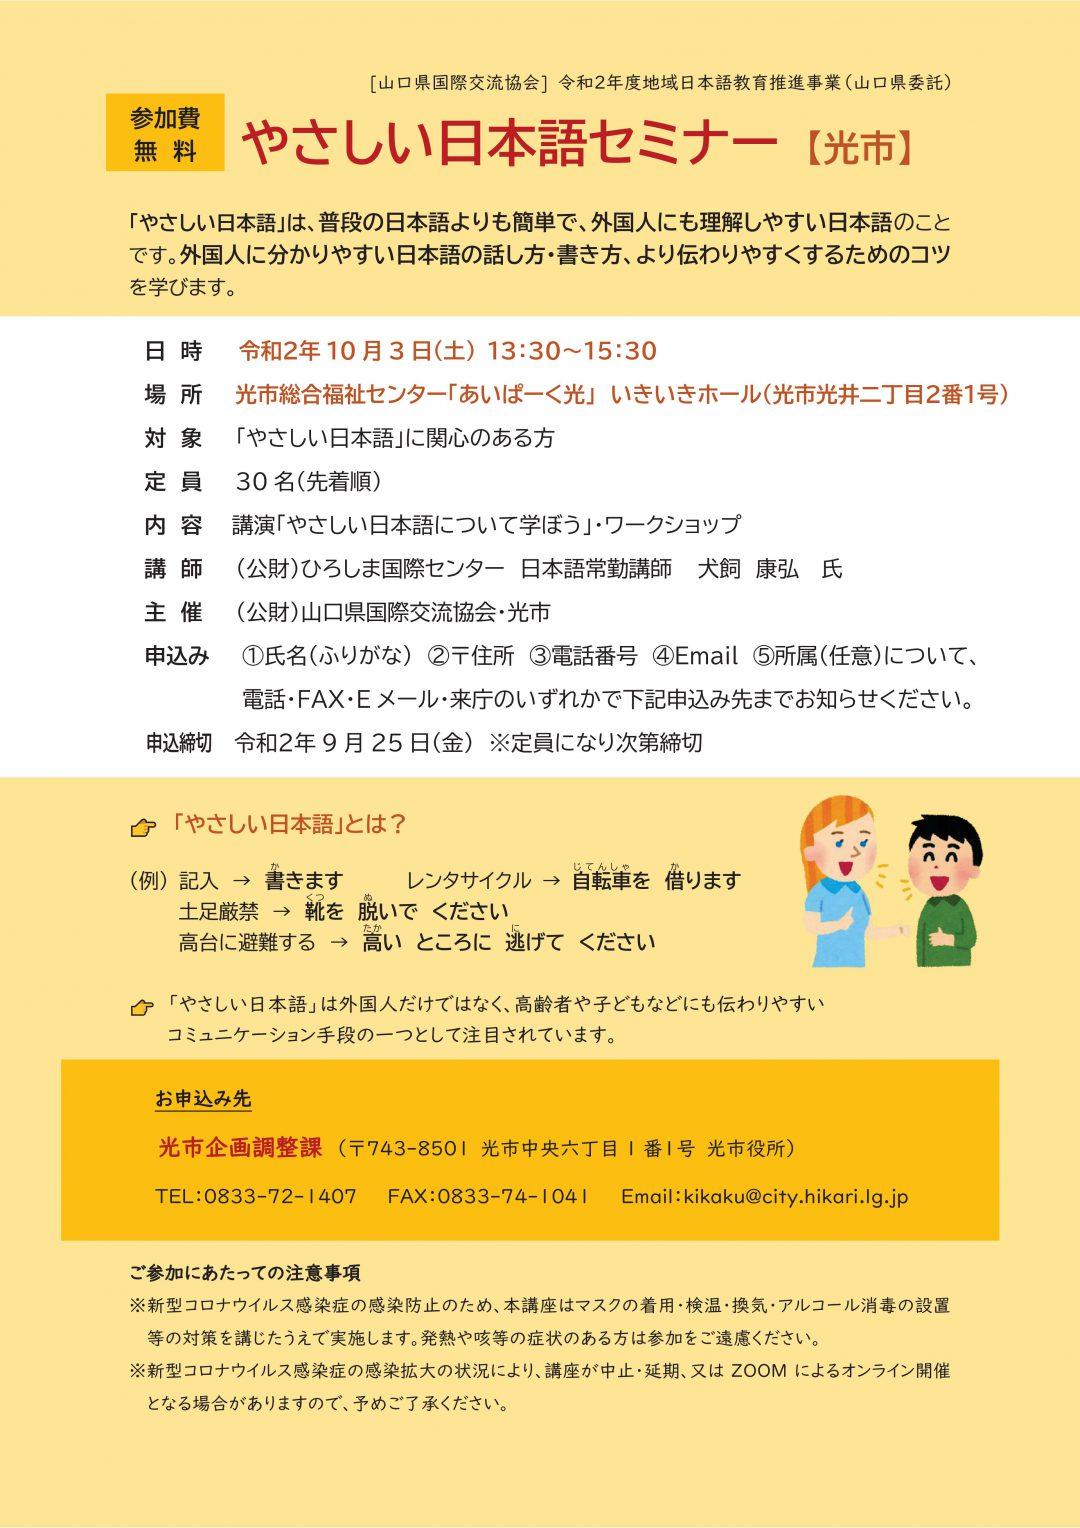 画像:令和2年度地域日本語教育推進事業(山口県委託) やさしい日本語セミナー【光市】